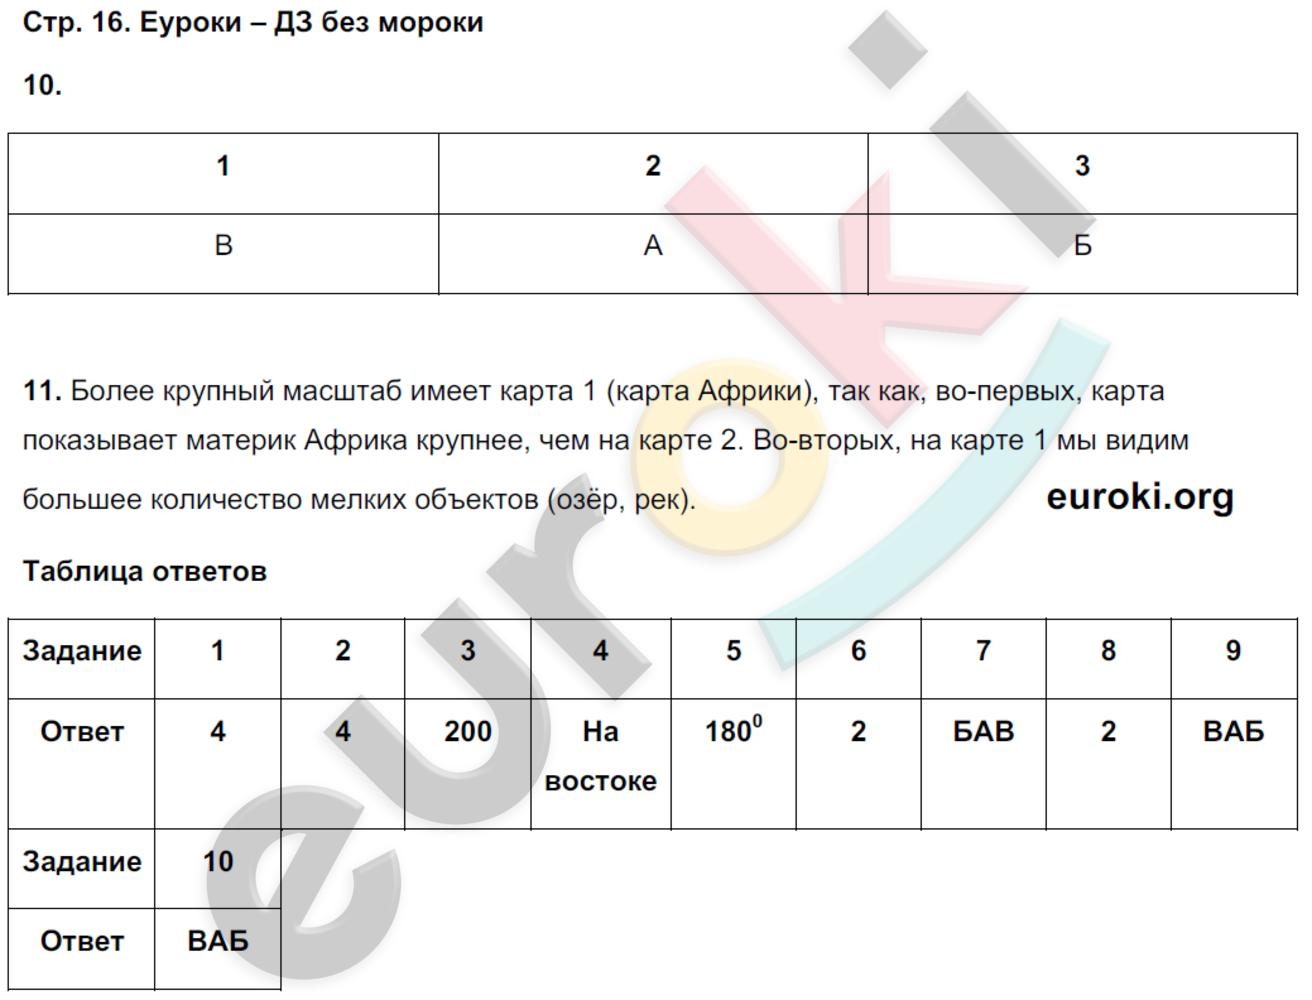 ГДЗ по географии 5 класс тетрадь экзаменатор Барабанов. Задание: стр. 16